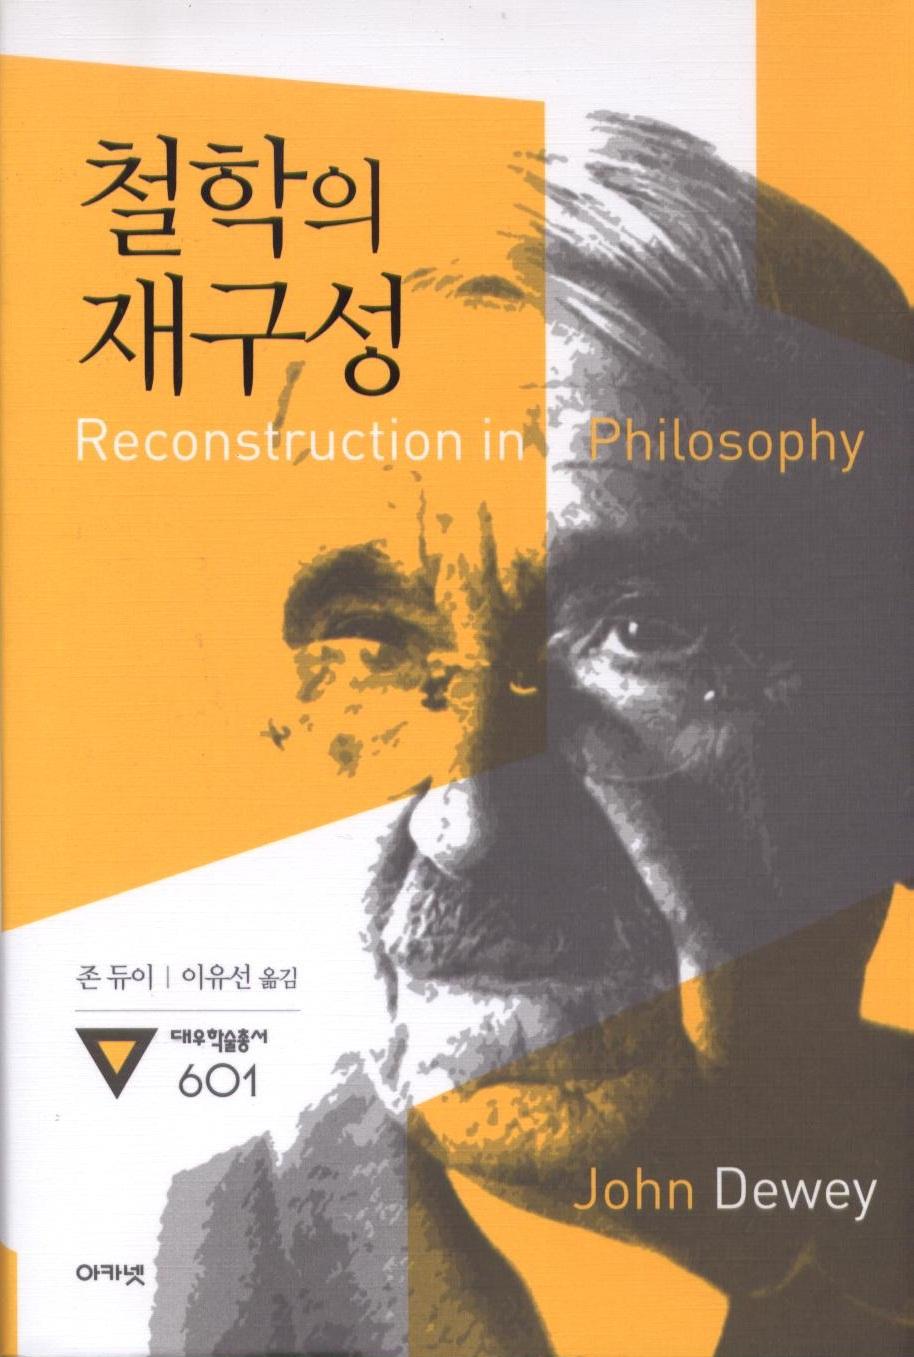 대우재단 대우학술총서 제601권 철학의 재구성 written by 이유선 and published by 아카넷 in 2010